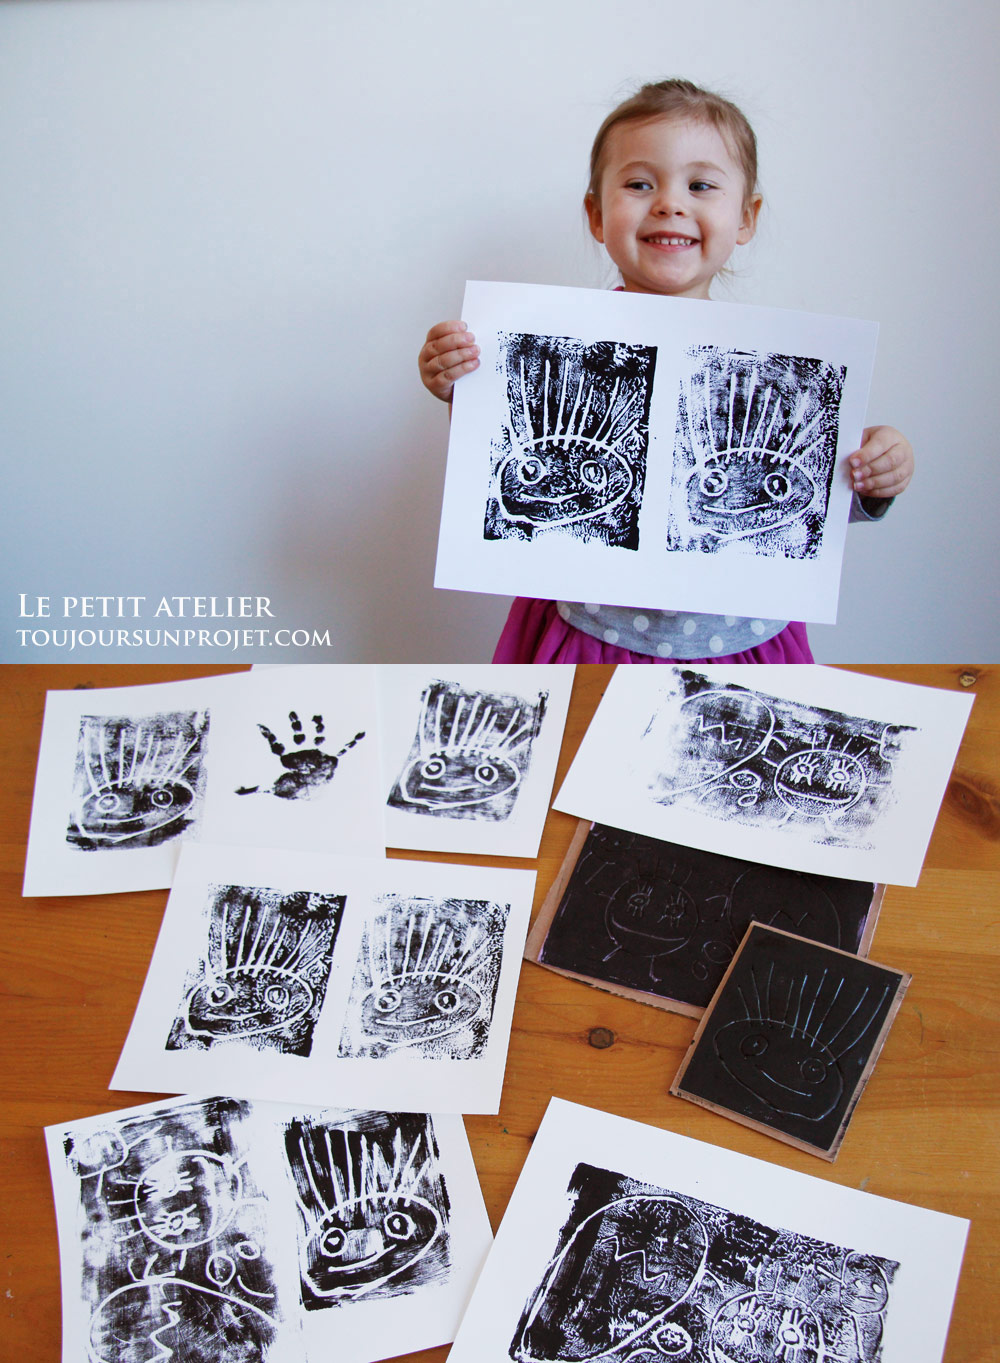 Le petit atelier estampe gravure et impression for Le petit atelier